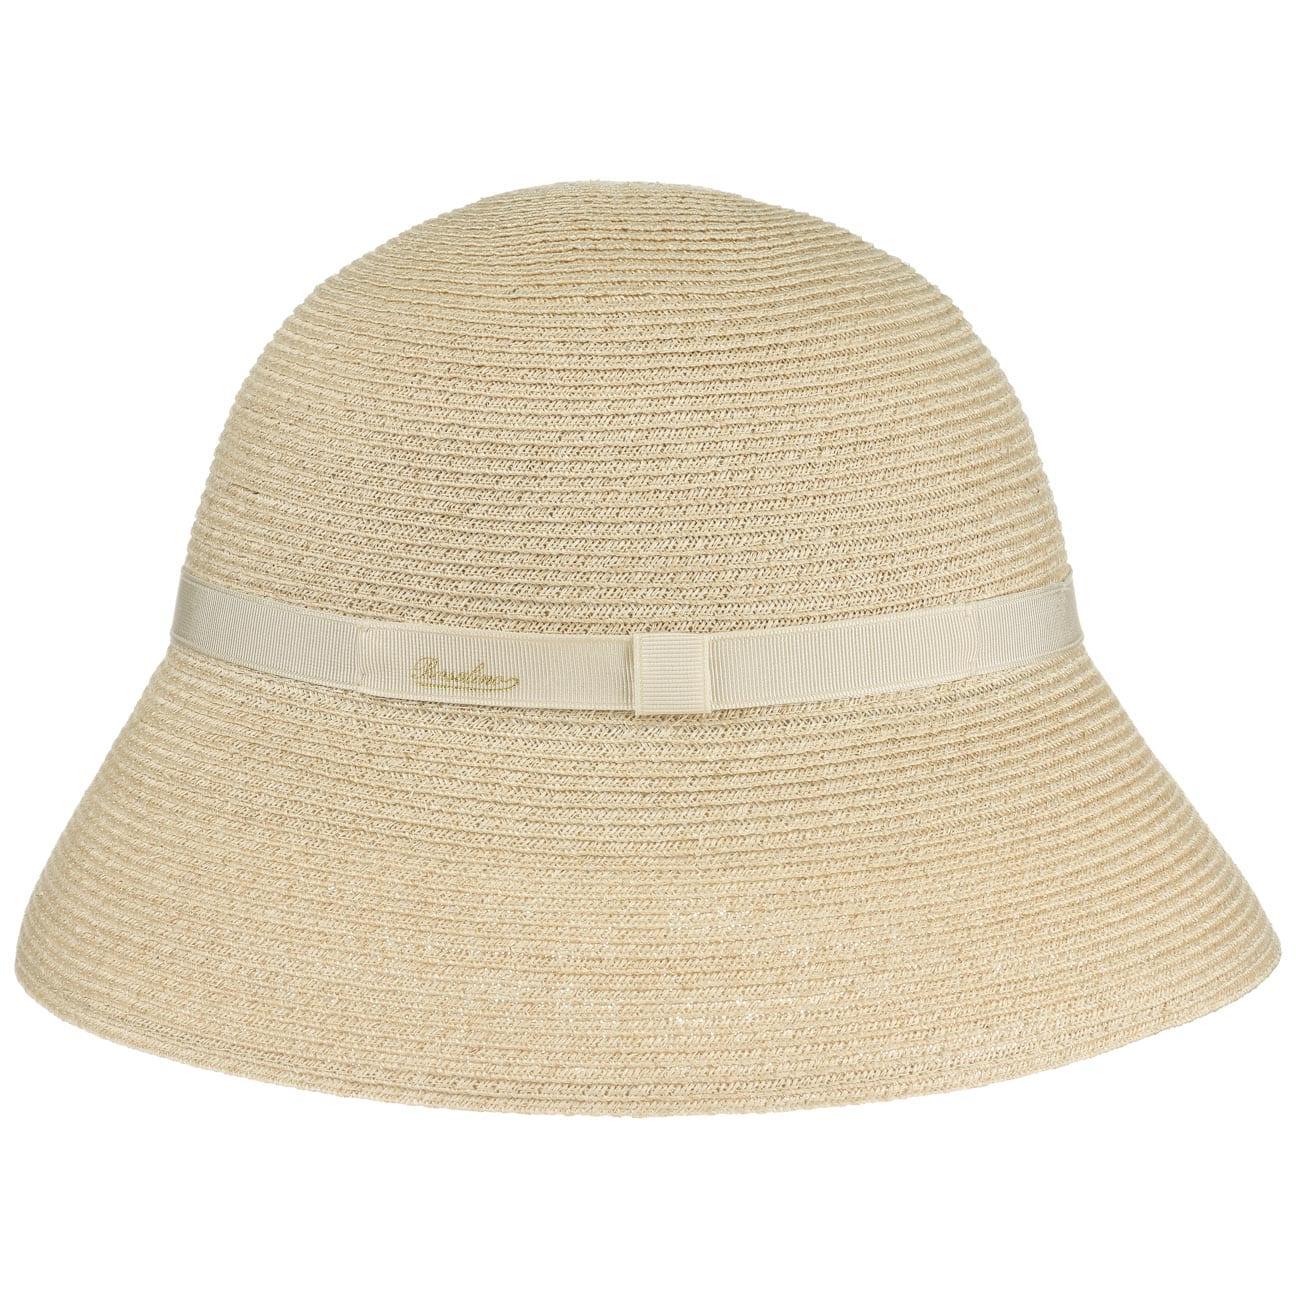 Sombrero Cloch? de C??amo by Borsalino  sombrero de sol